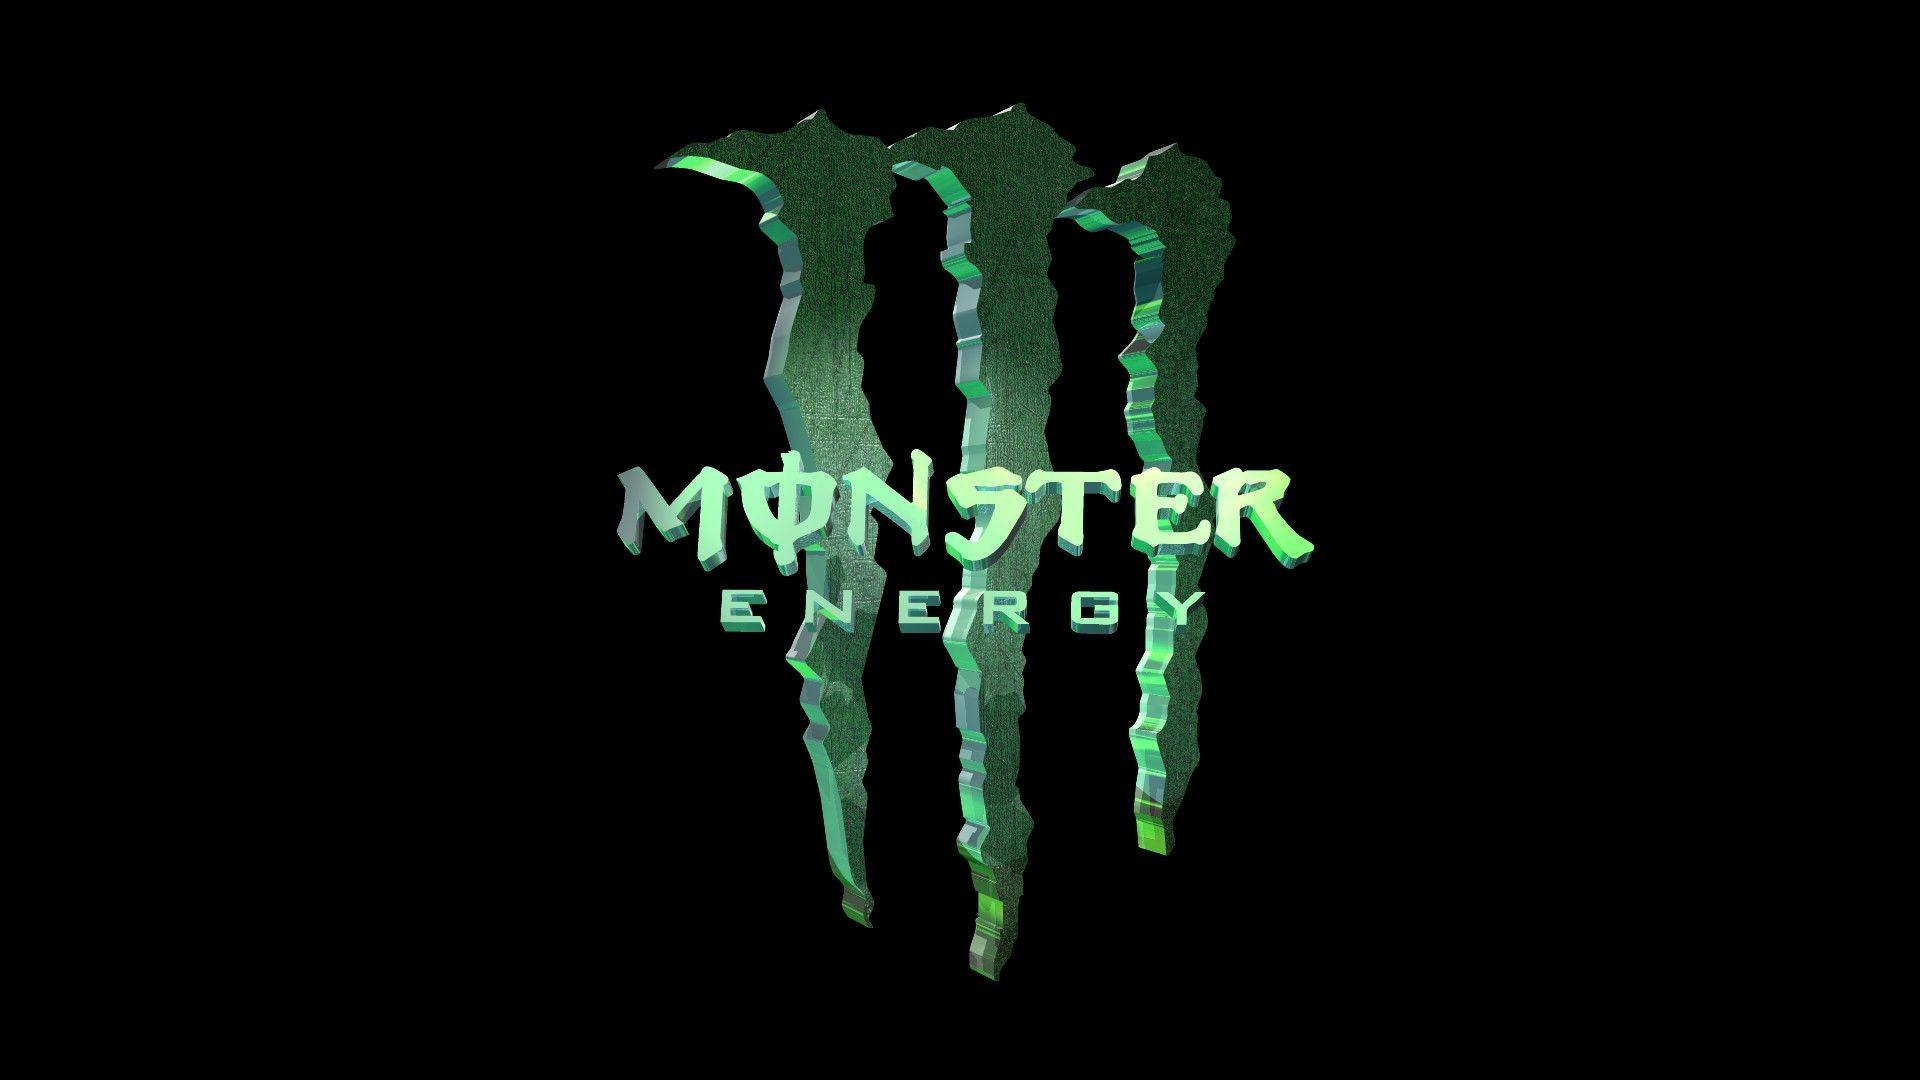 1920x1080 Awesome 3D Monster Energy Logo Wallpaper Wallpaper